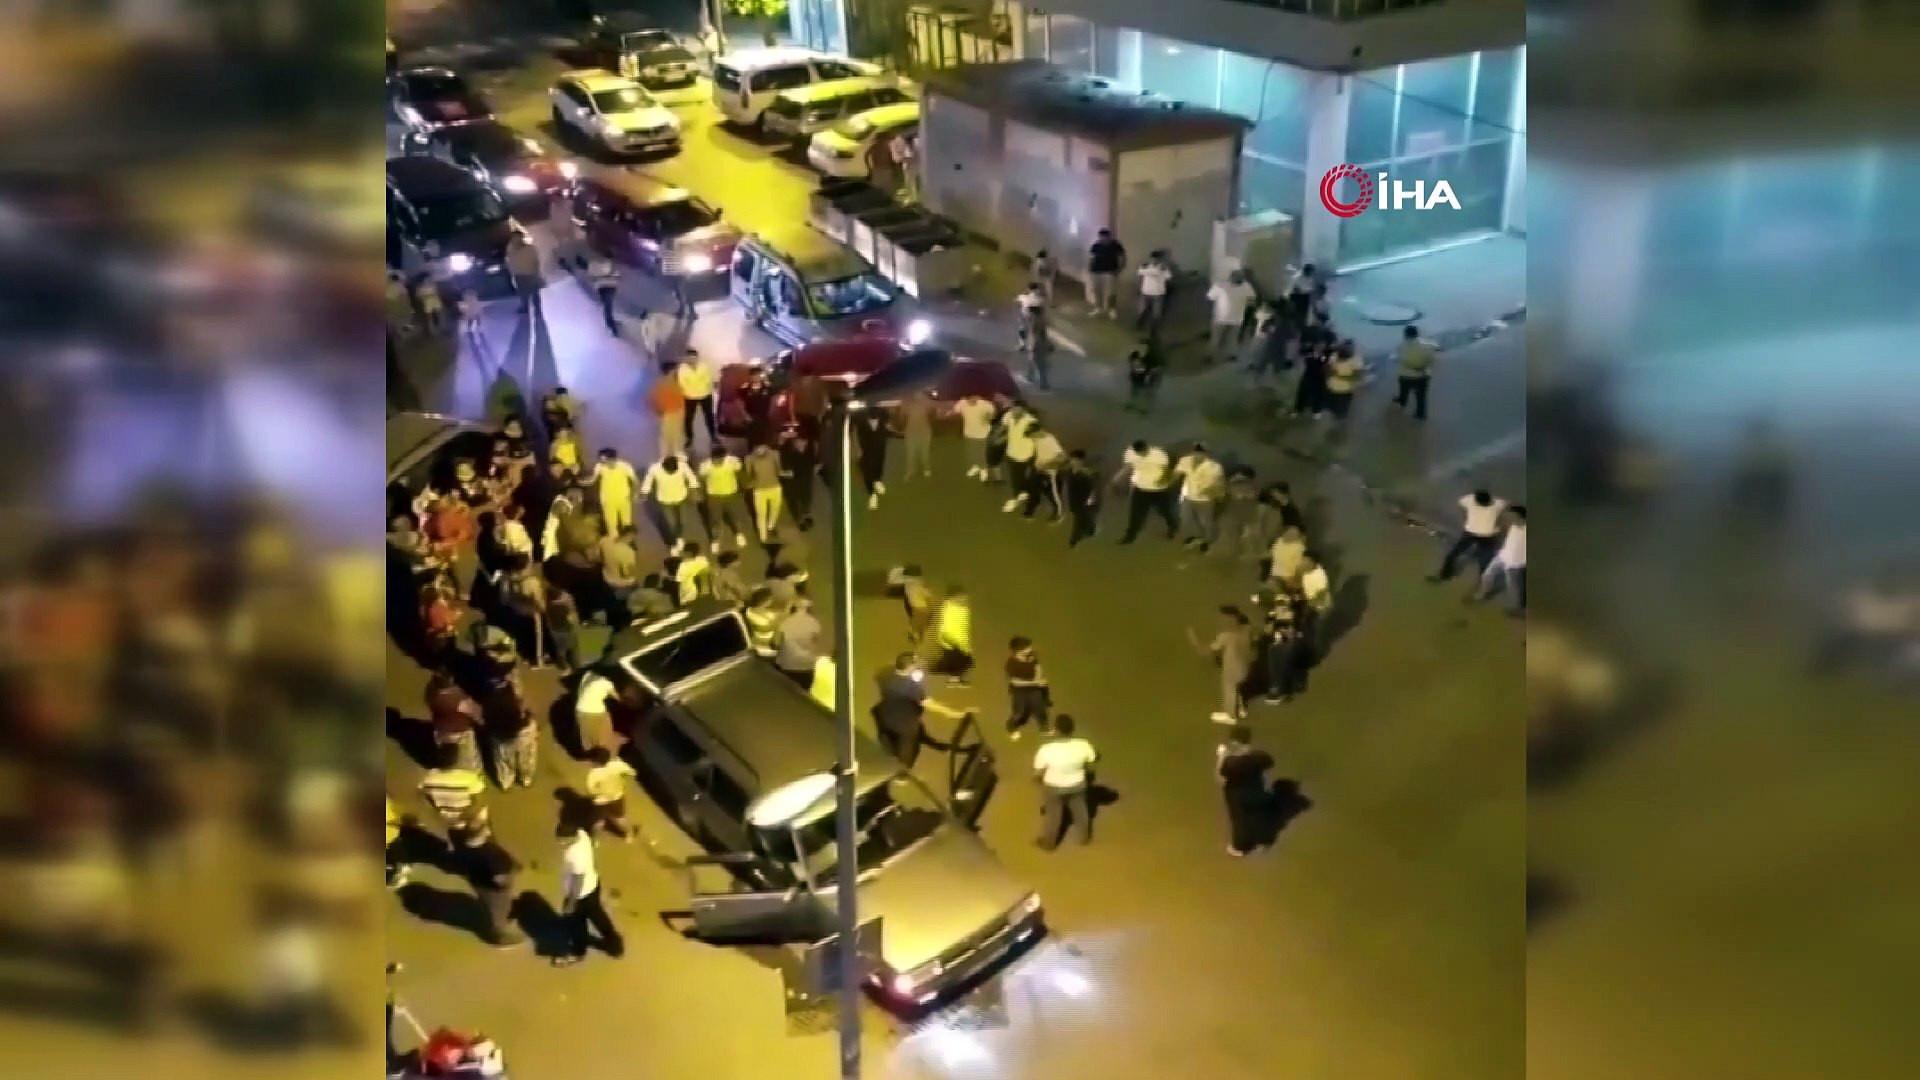 İstanbul'da koronavirüs halayı kamerada